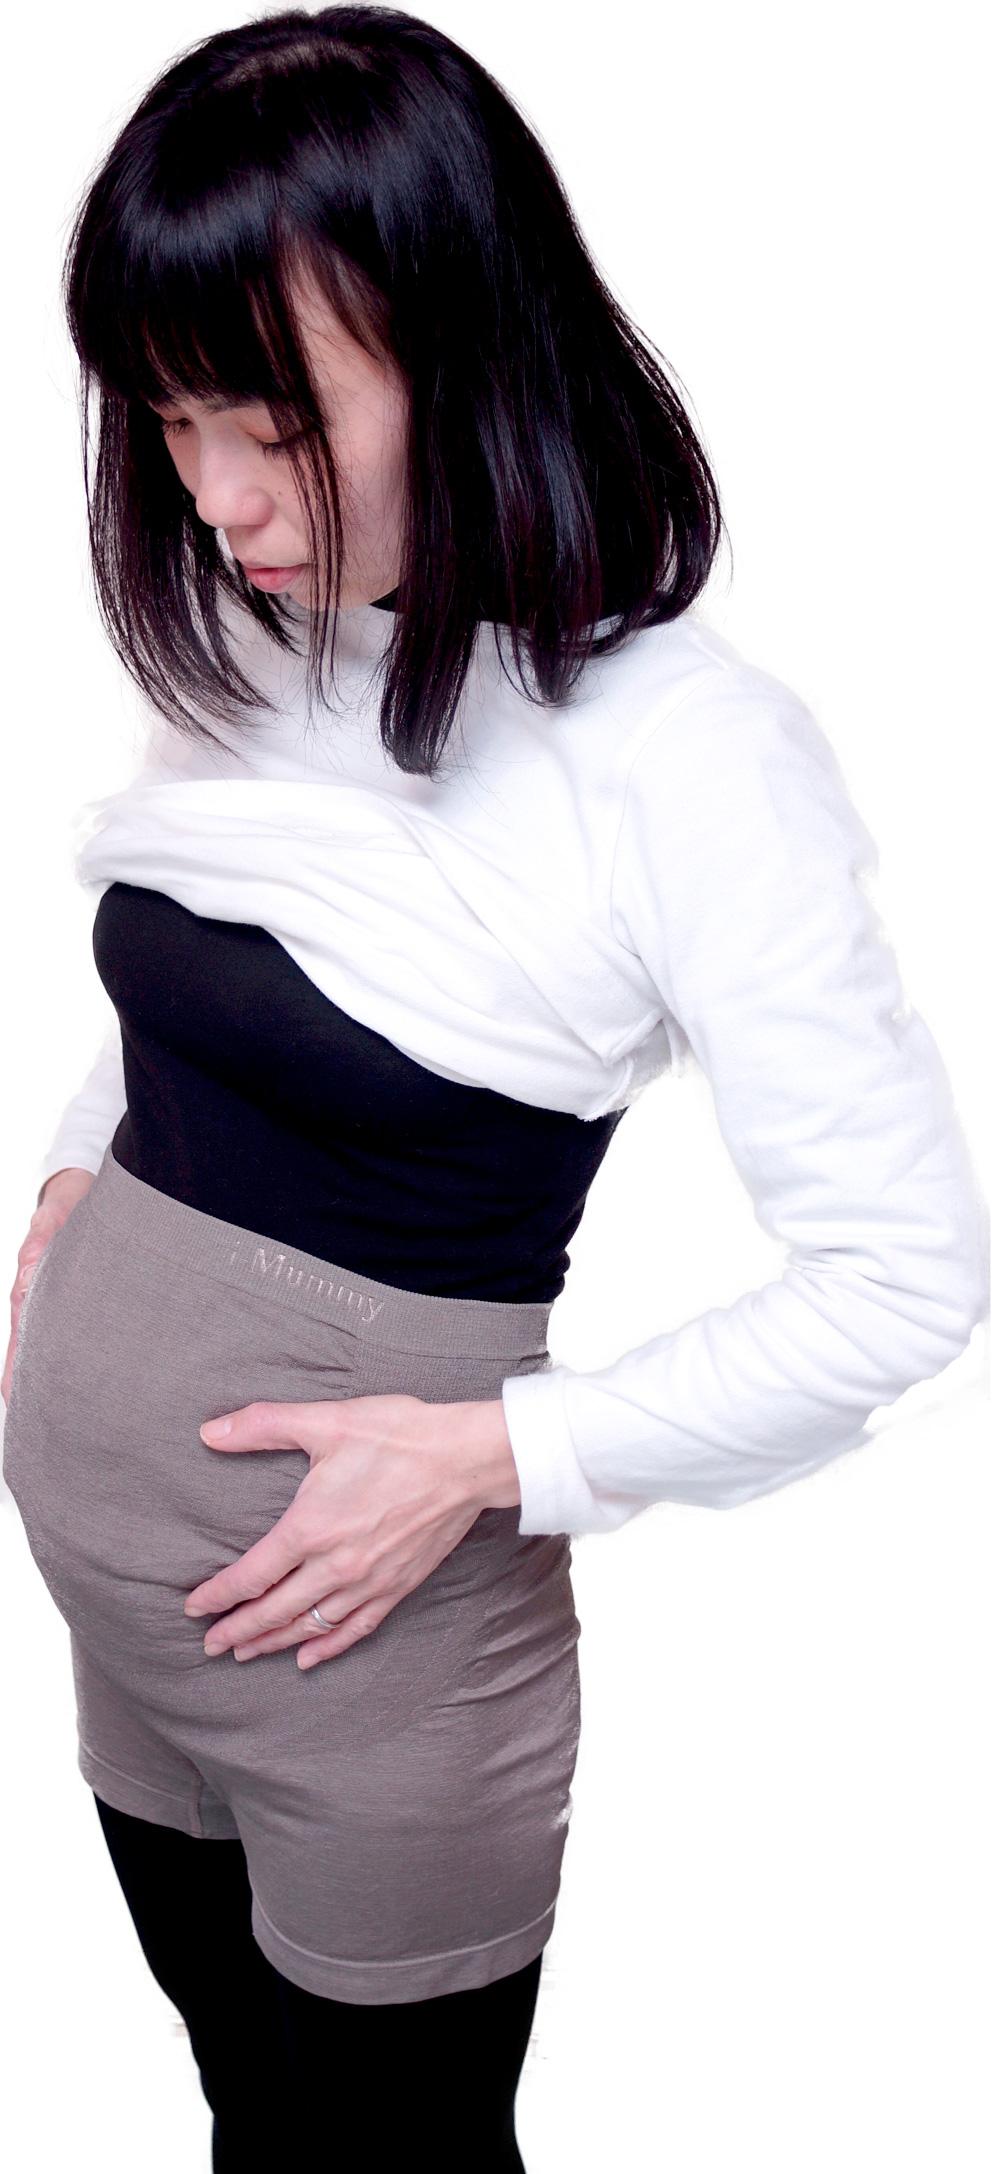 妊娠したら直ぐに電磁波対策が必要です